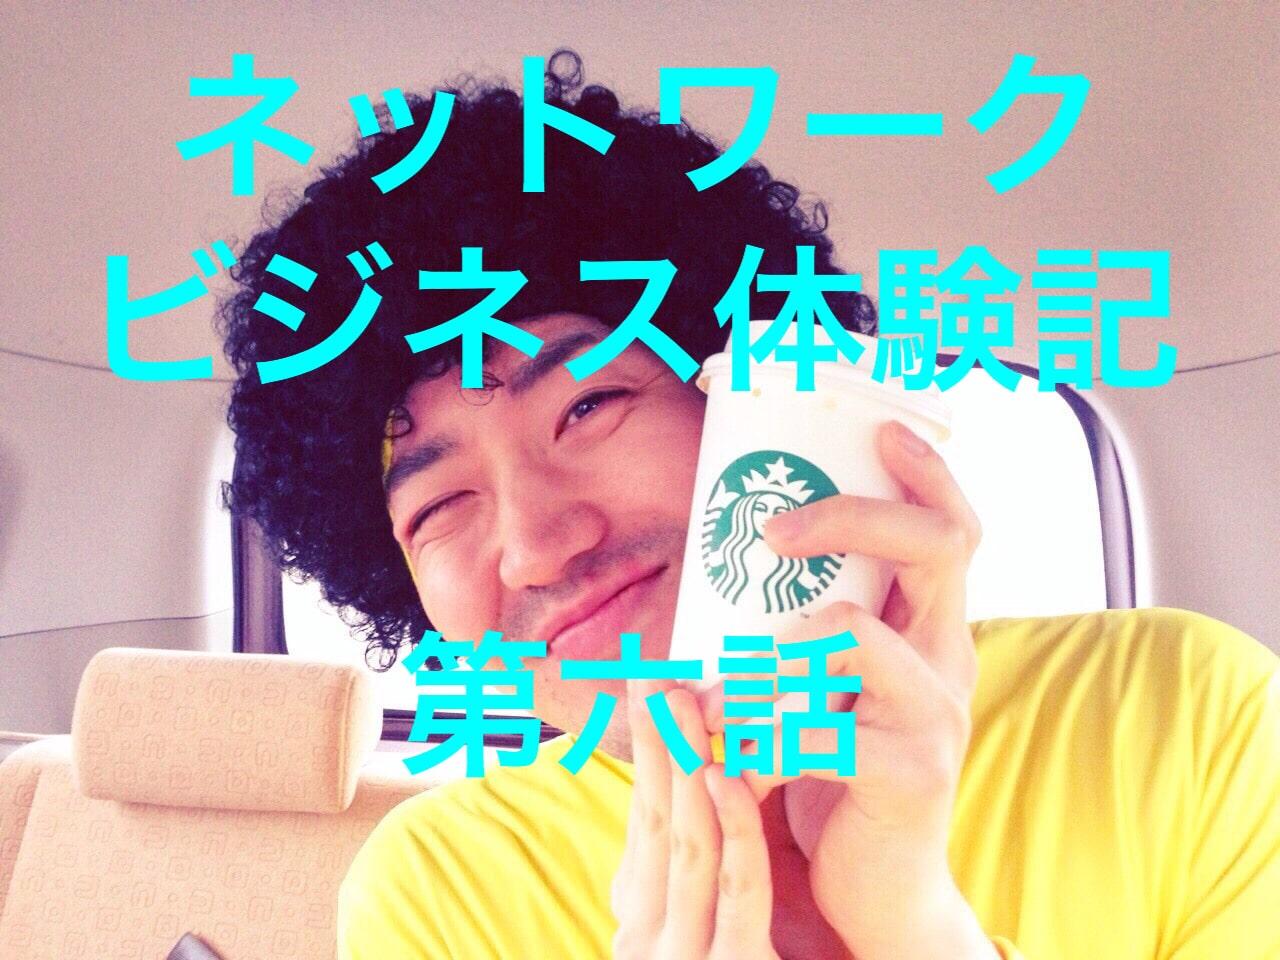 【第六話】実録!ネットワークビジネス(マルチ商法)体験記